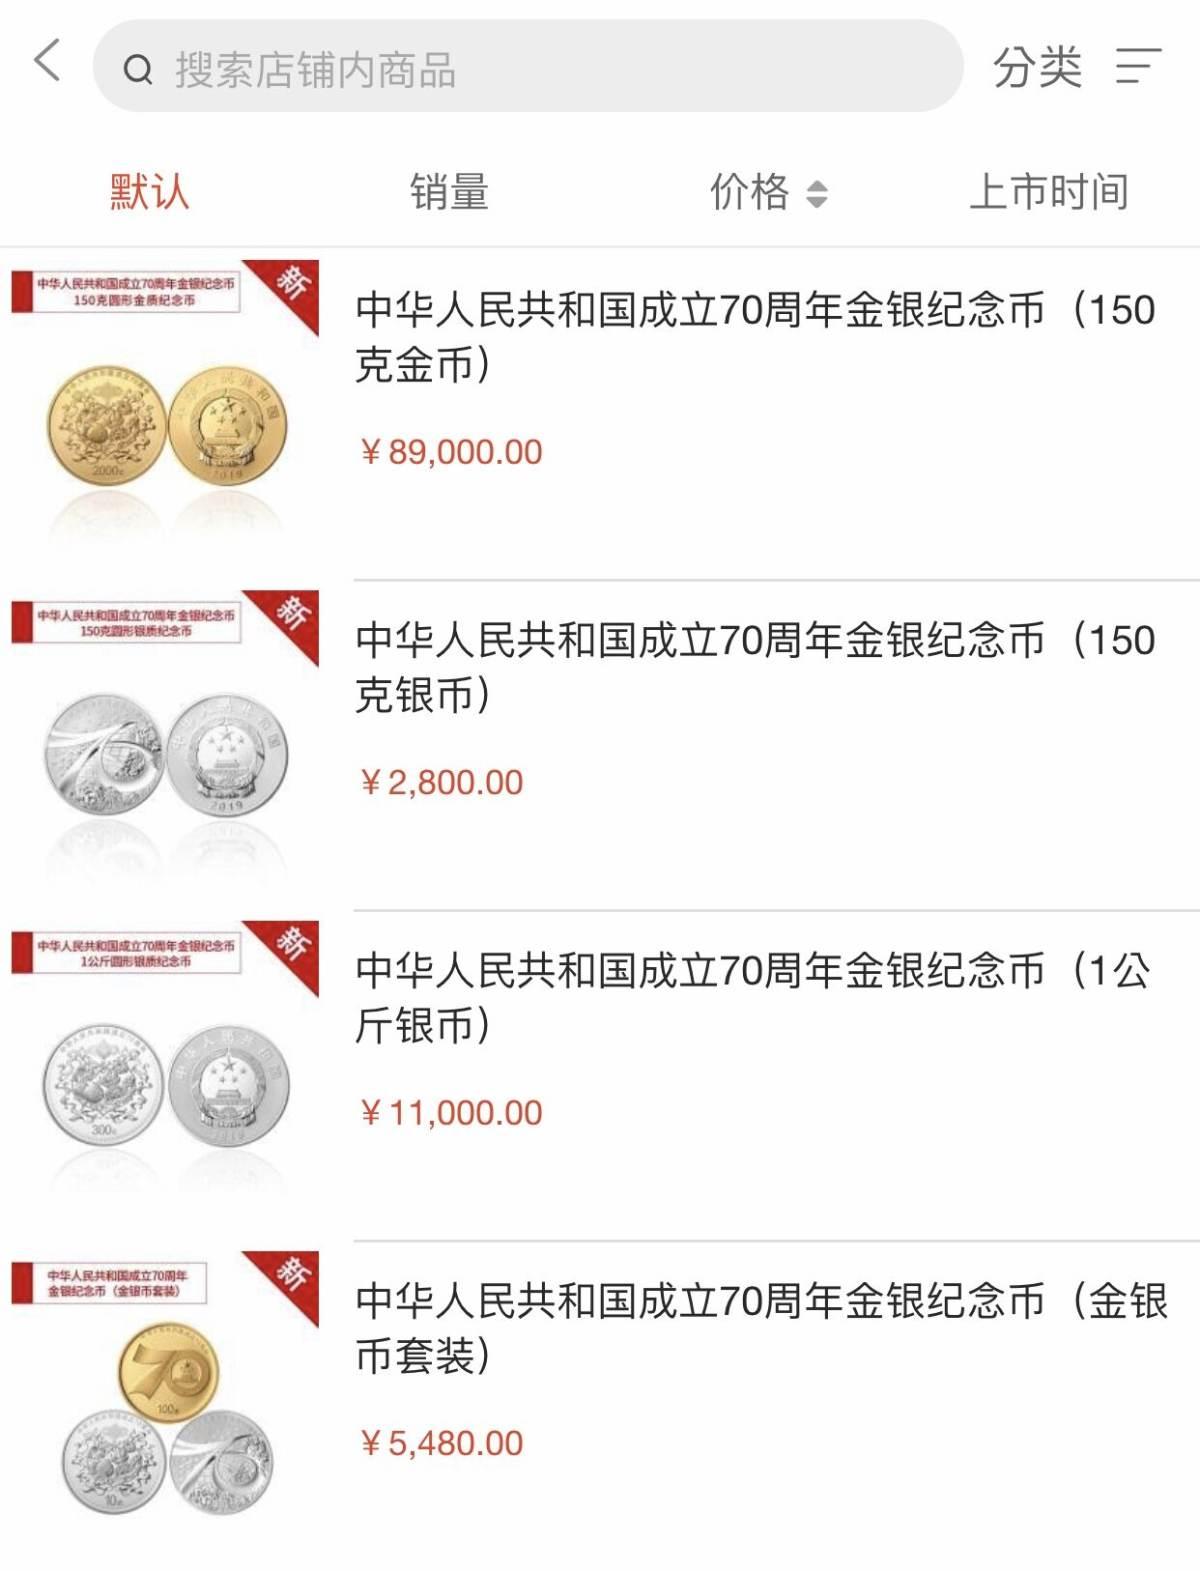 建国70周年纪念币预约火爆!为什么贵金属纪念币不按面额销售呢?